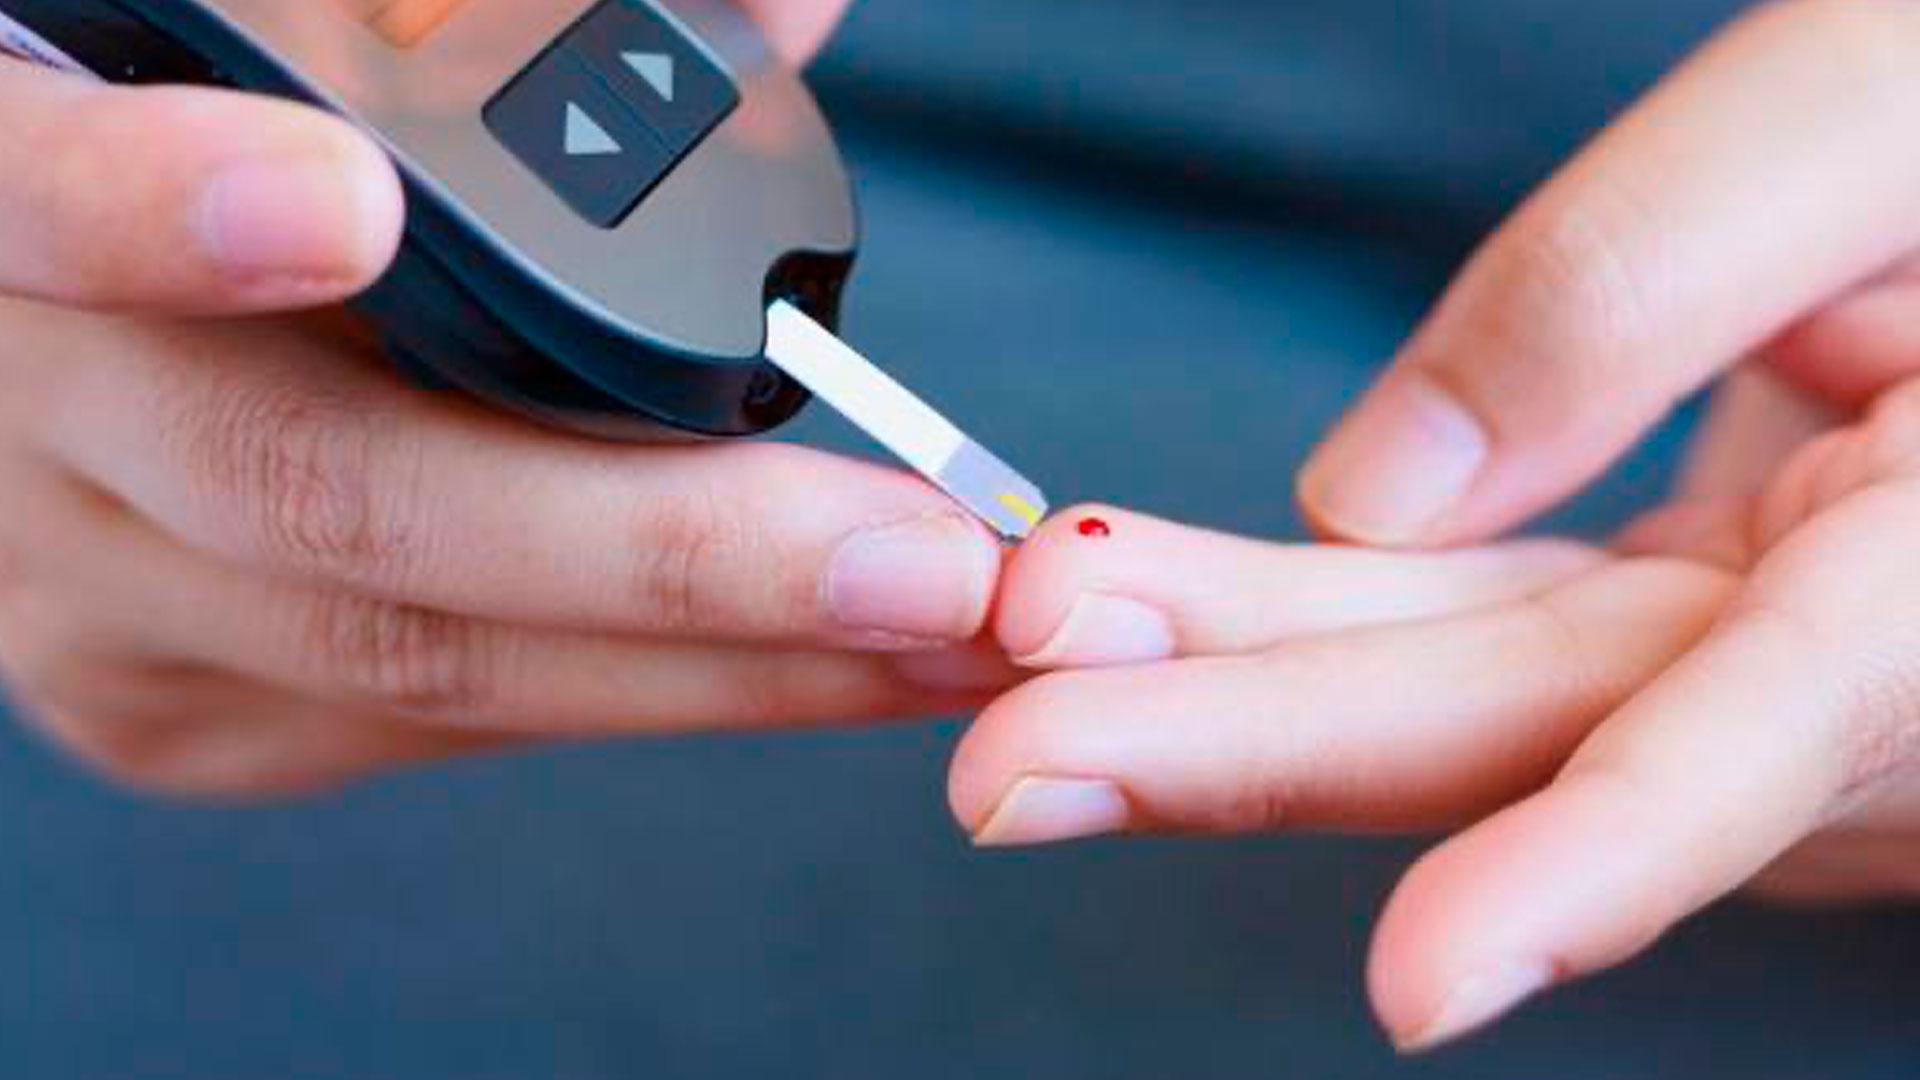 Diabete di tipo 2, nessun nesso causale tra ipoglicemia grave e aumento della mortalità